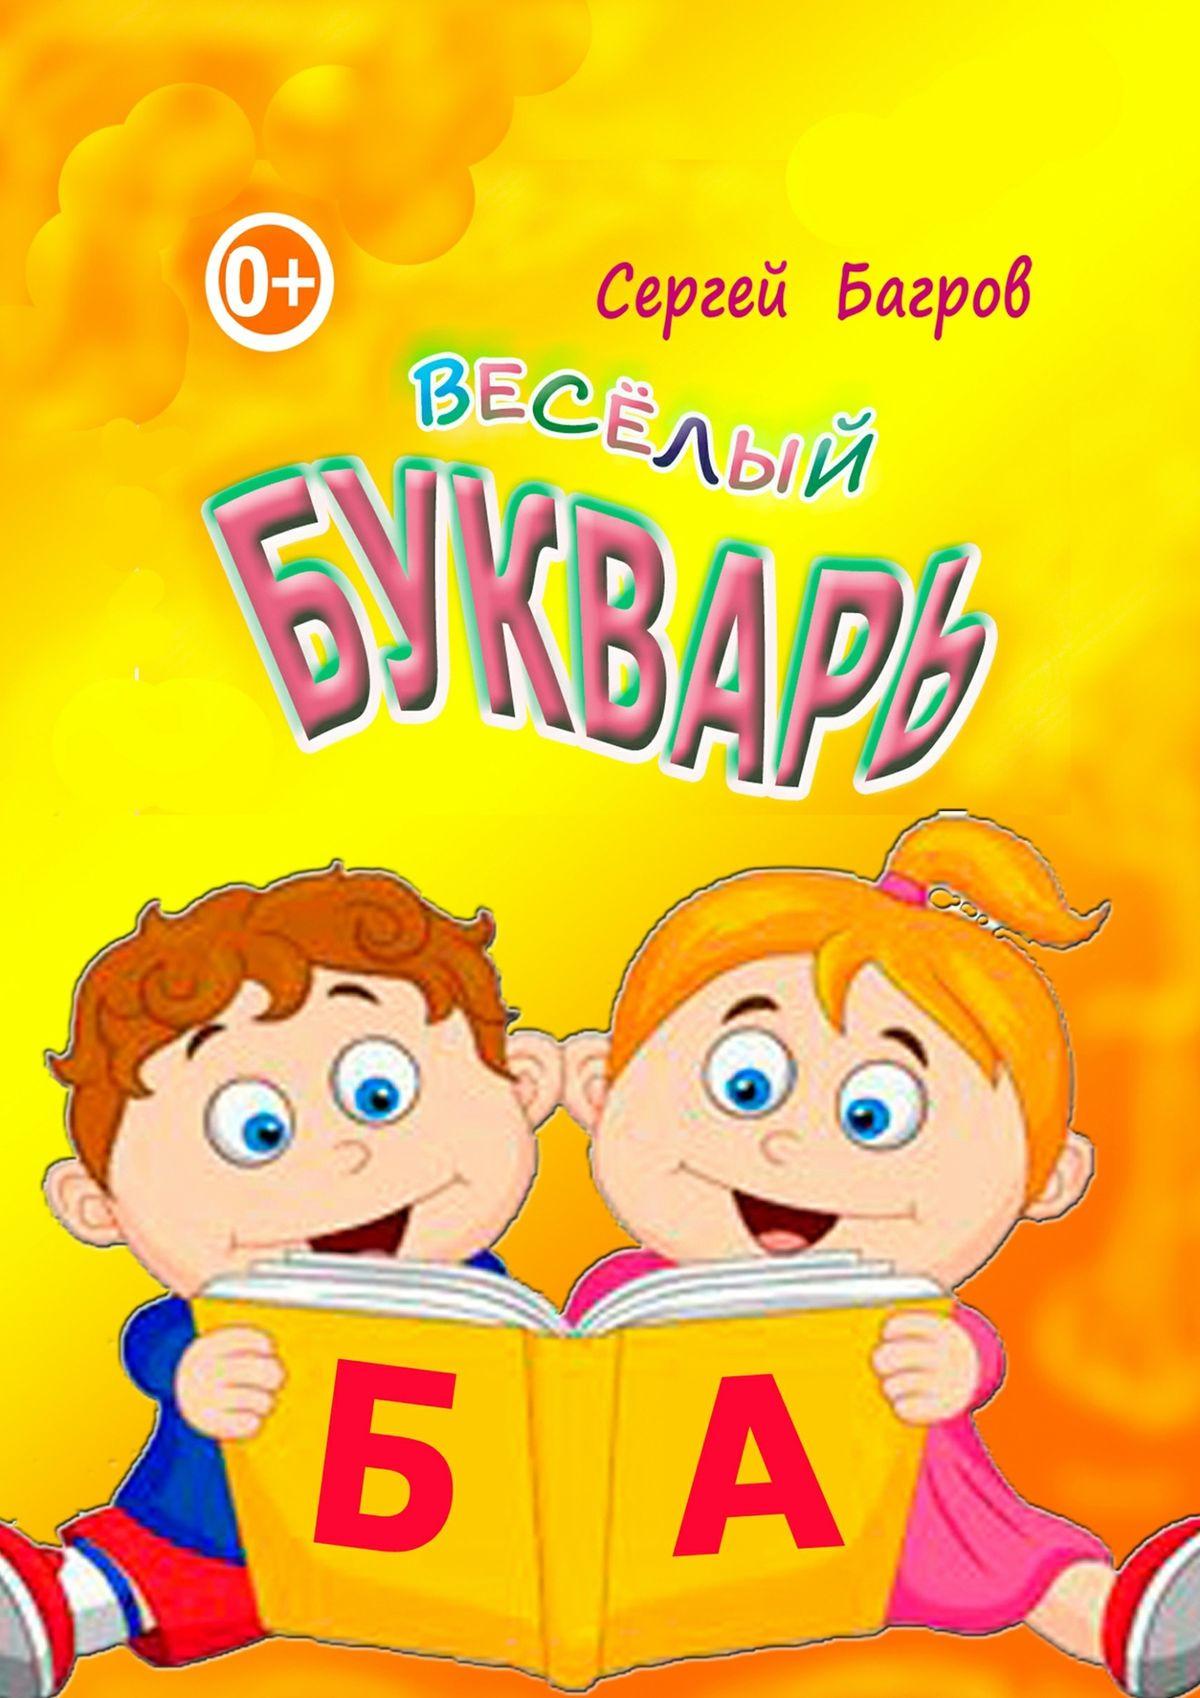 Сергей Багров Весёлый букварь. Для детей от2до5лет сергей багров весёлый букварь для детей от2до5лет